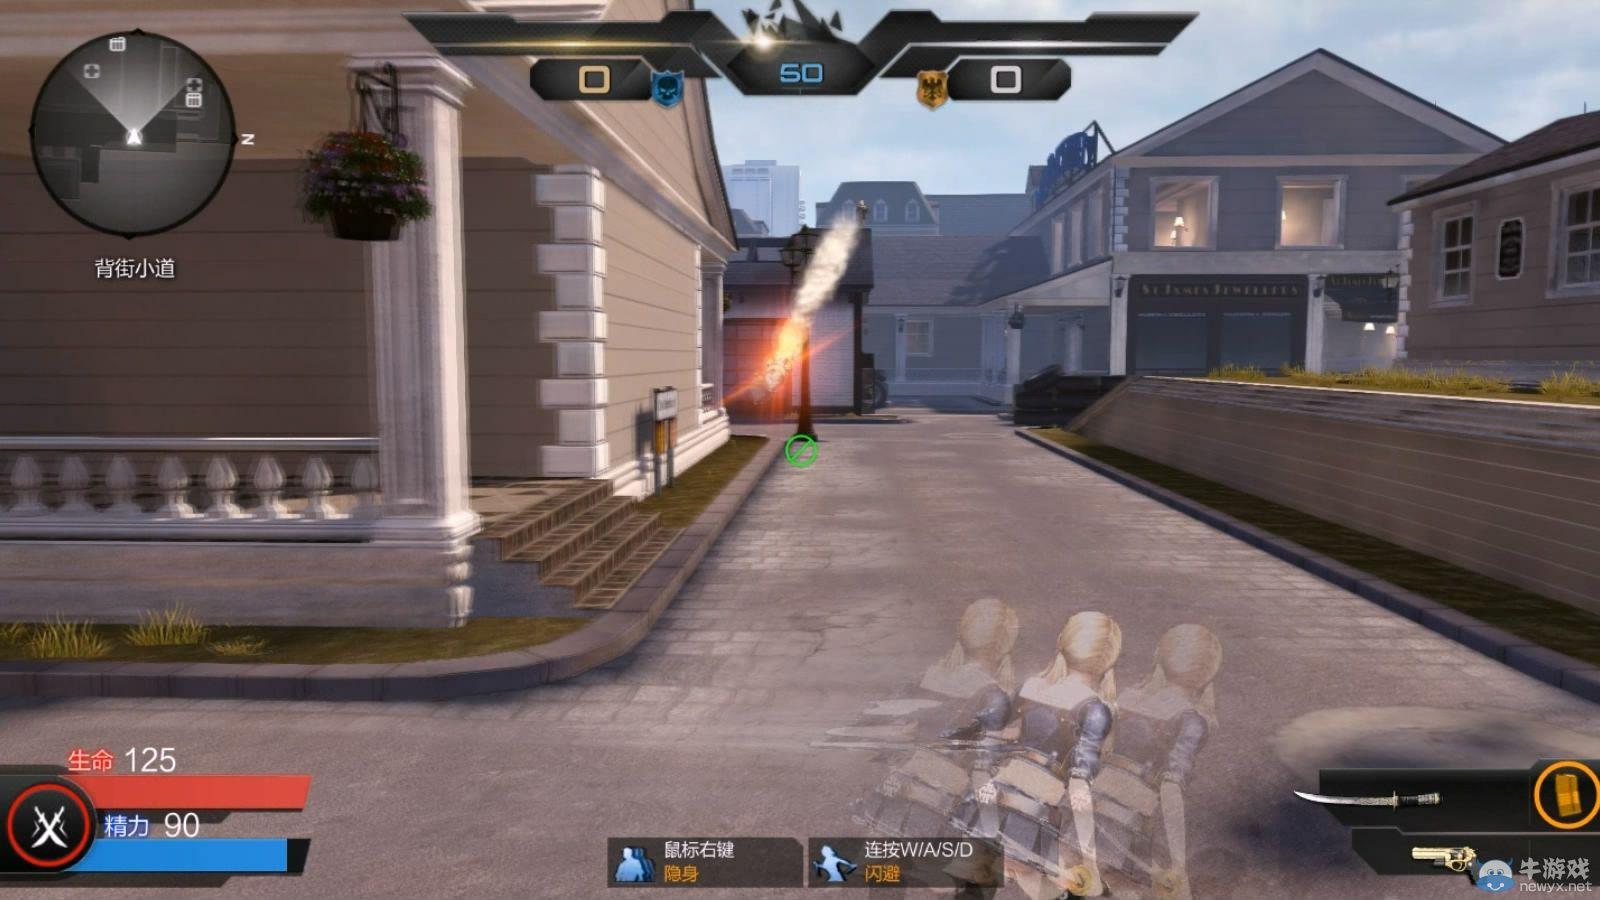 《枪神纪》游戏职业介绍:刀锋